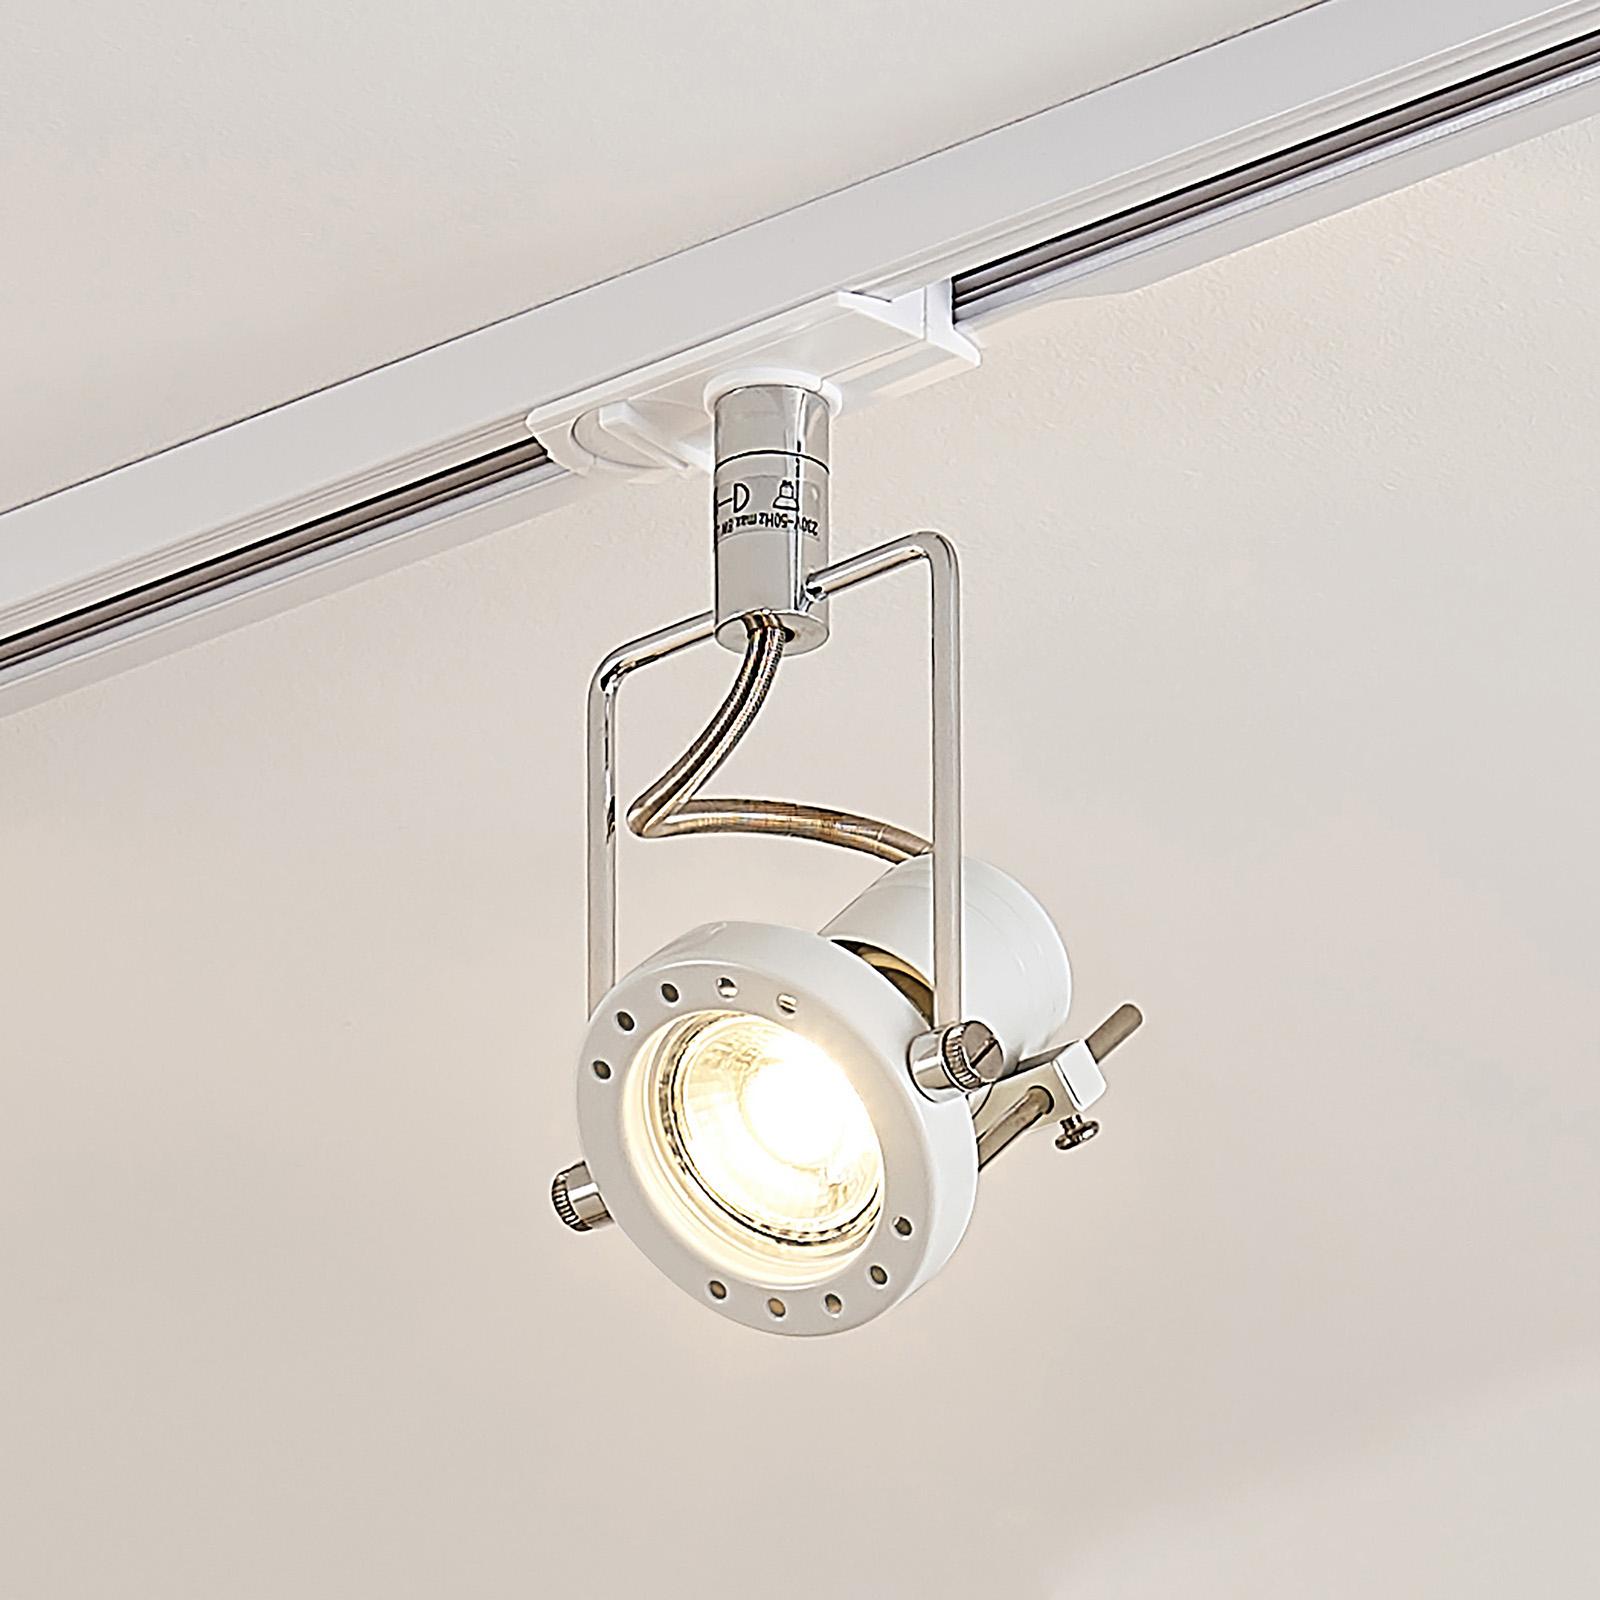 LED-spot Arika til 1-faset skinnesystem, hvid